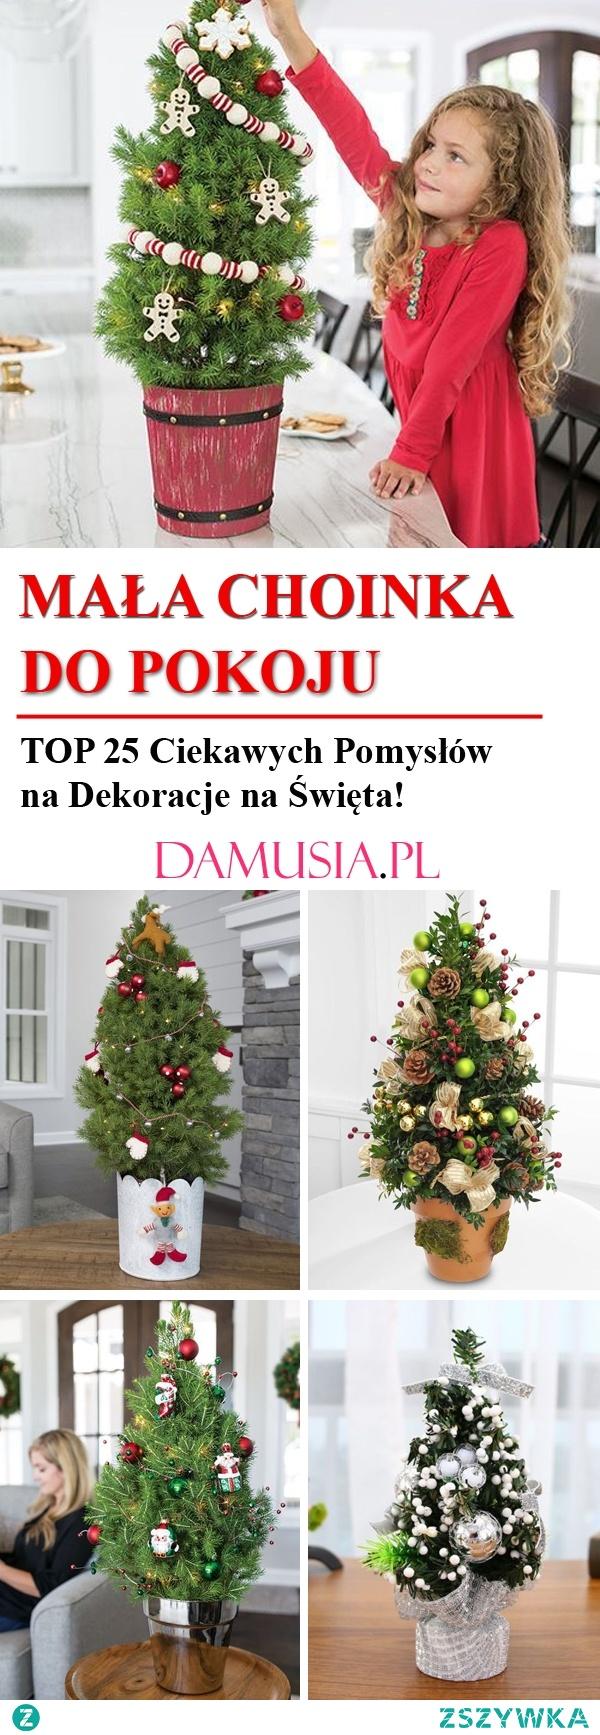 Mała Choinka do Pokoju: TOP 25 Ciekawych Pomysłów na Dekoracje na Święta